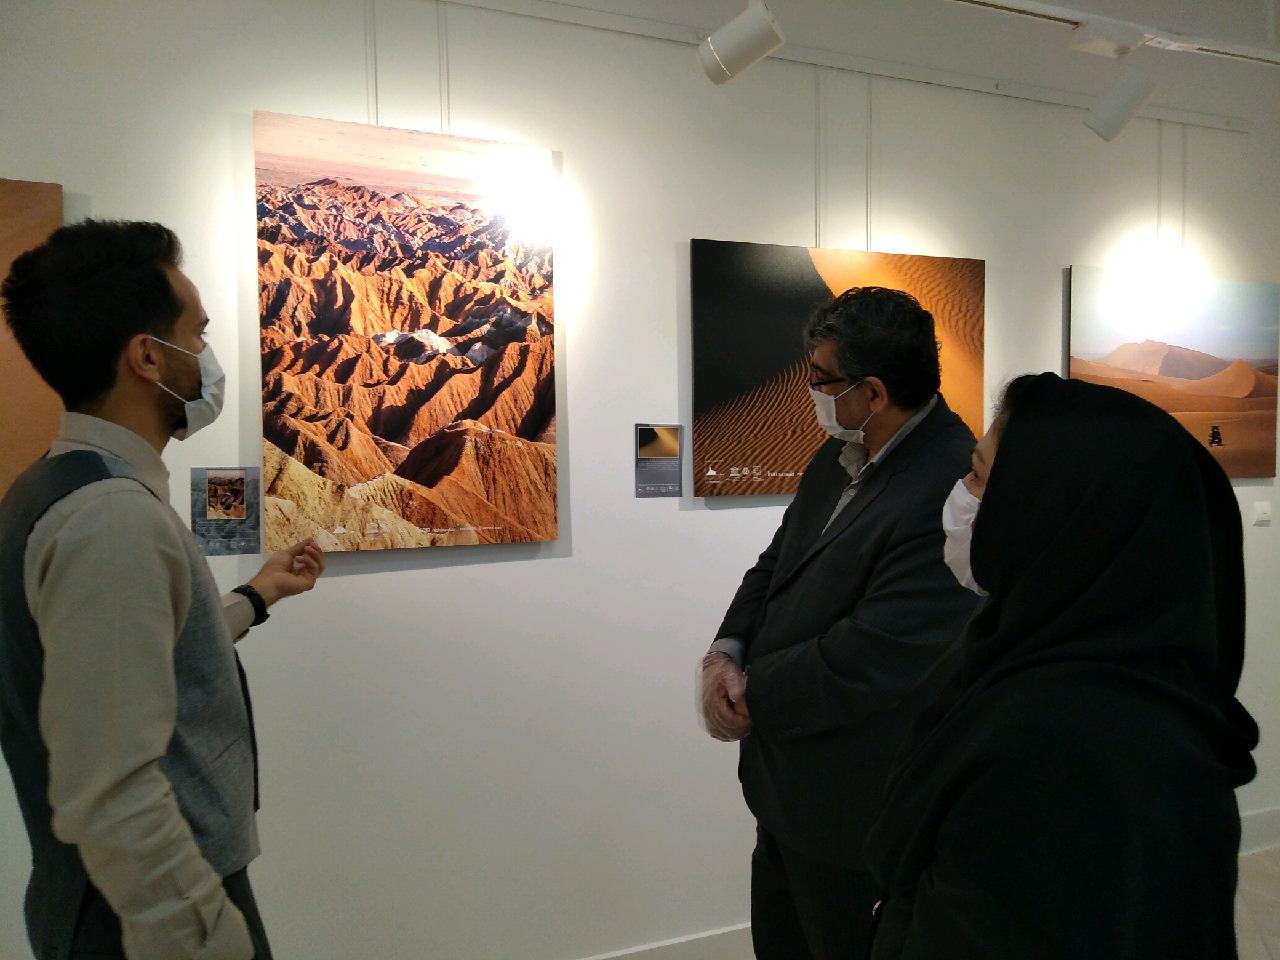 گشایش نمایشگاه عکس بیابان لوت در بیرجند